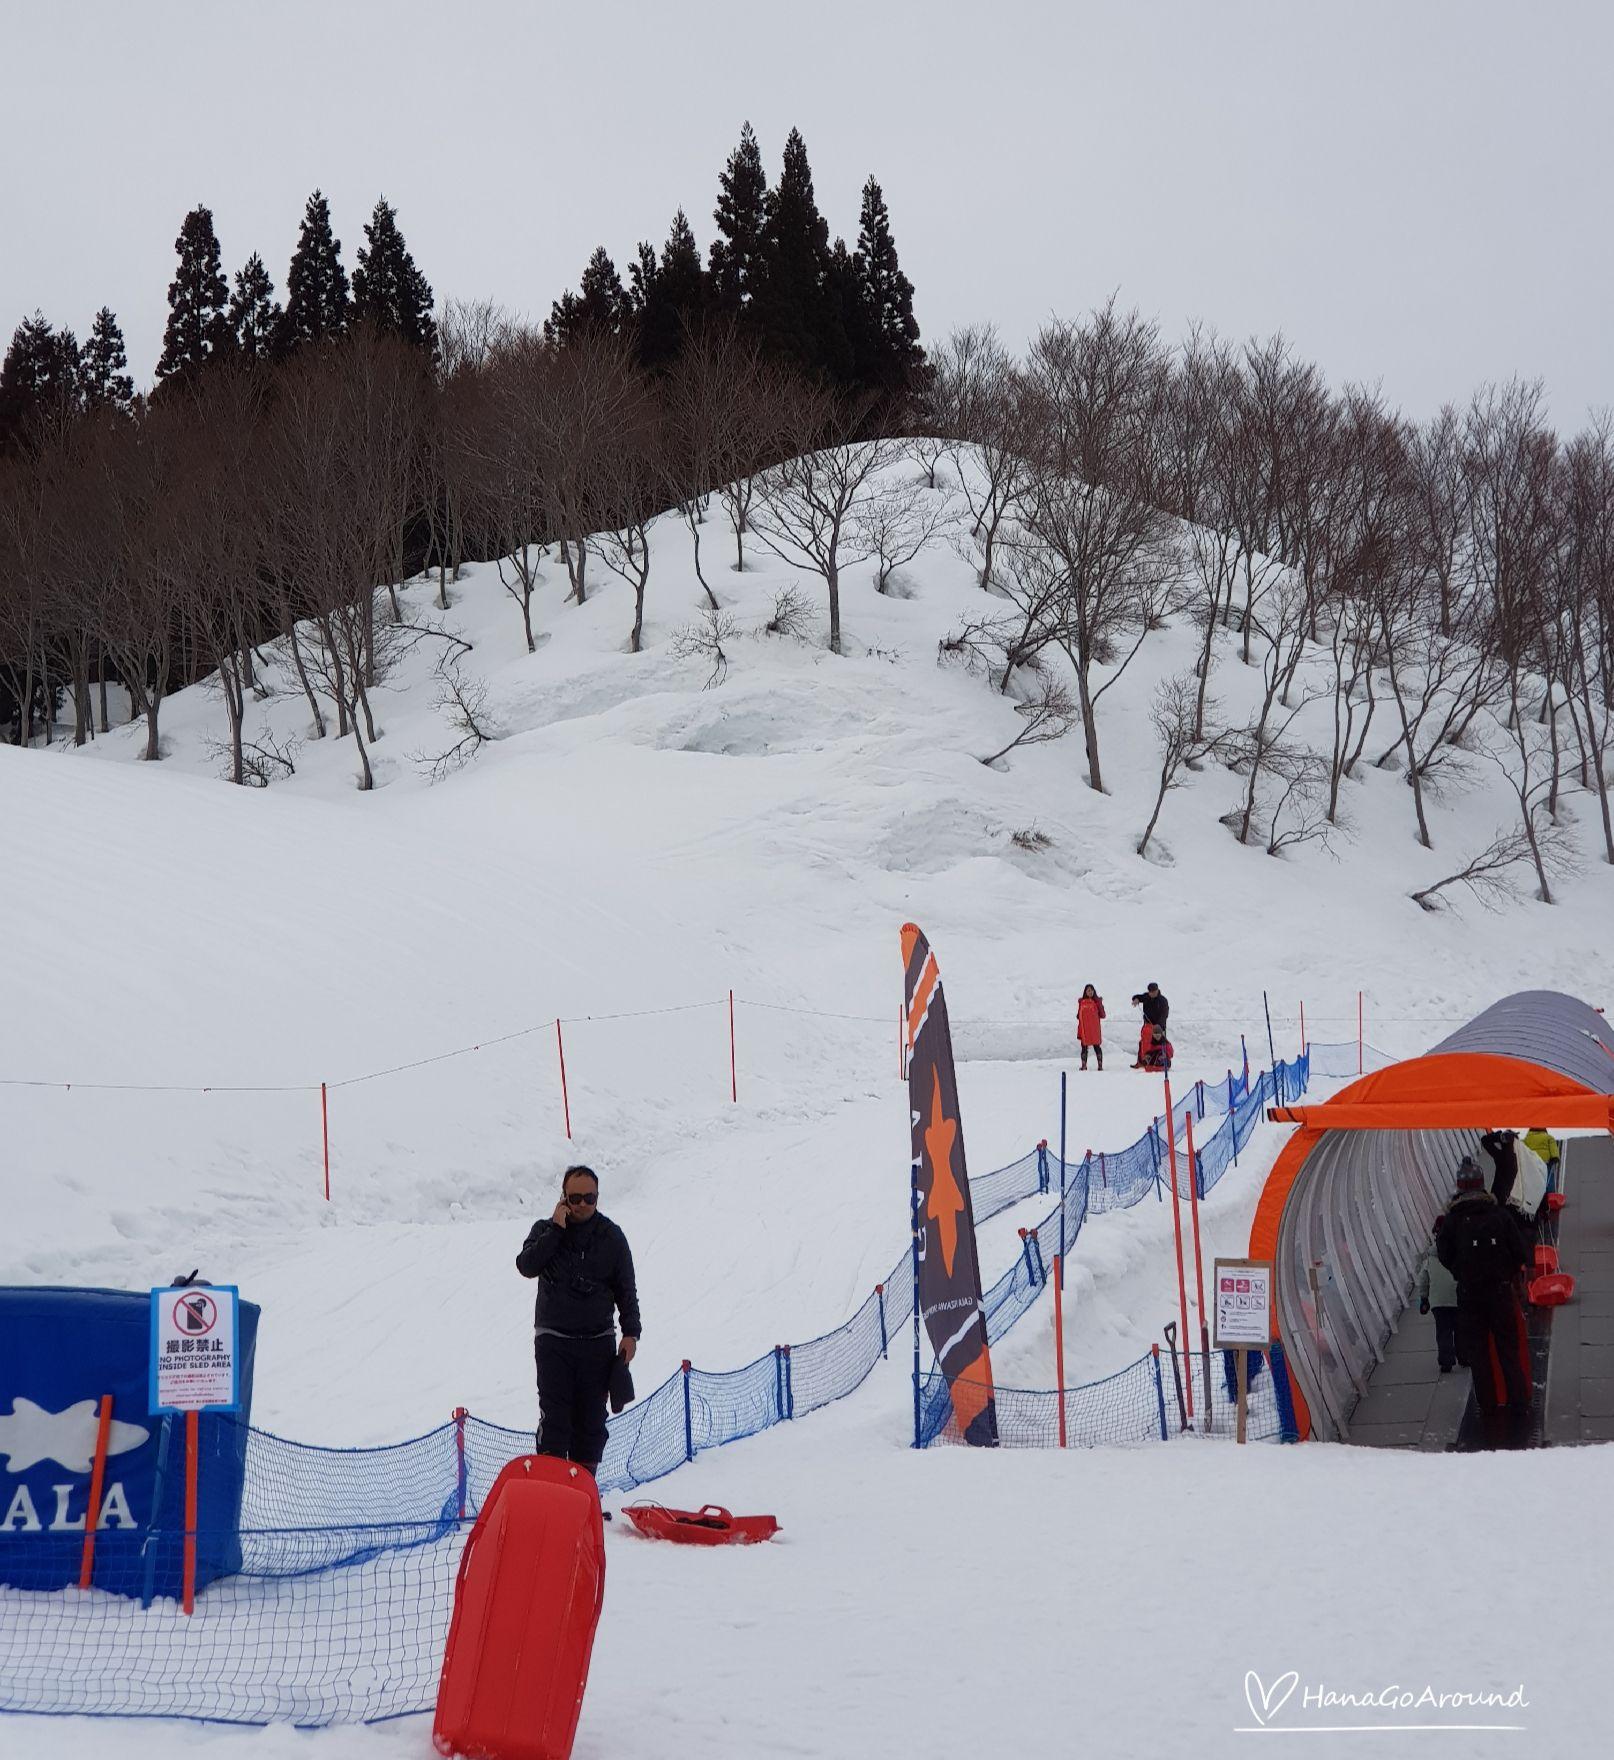 รีวิวเที่ยวเมืองหิมะ เล่นสกีที่ญี่ปุ่นสโนว์สุดฟิน in Gala Yuzawa Snow Resort ที่เมืองเอจิโหงะ-ยูซาว่า (Echigo-Yuzawa)